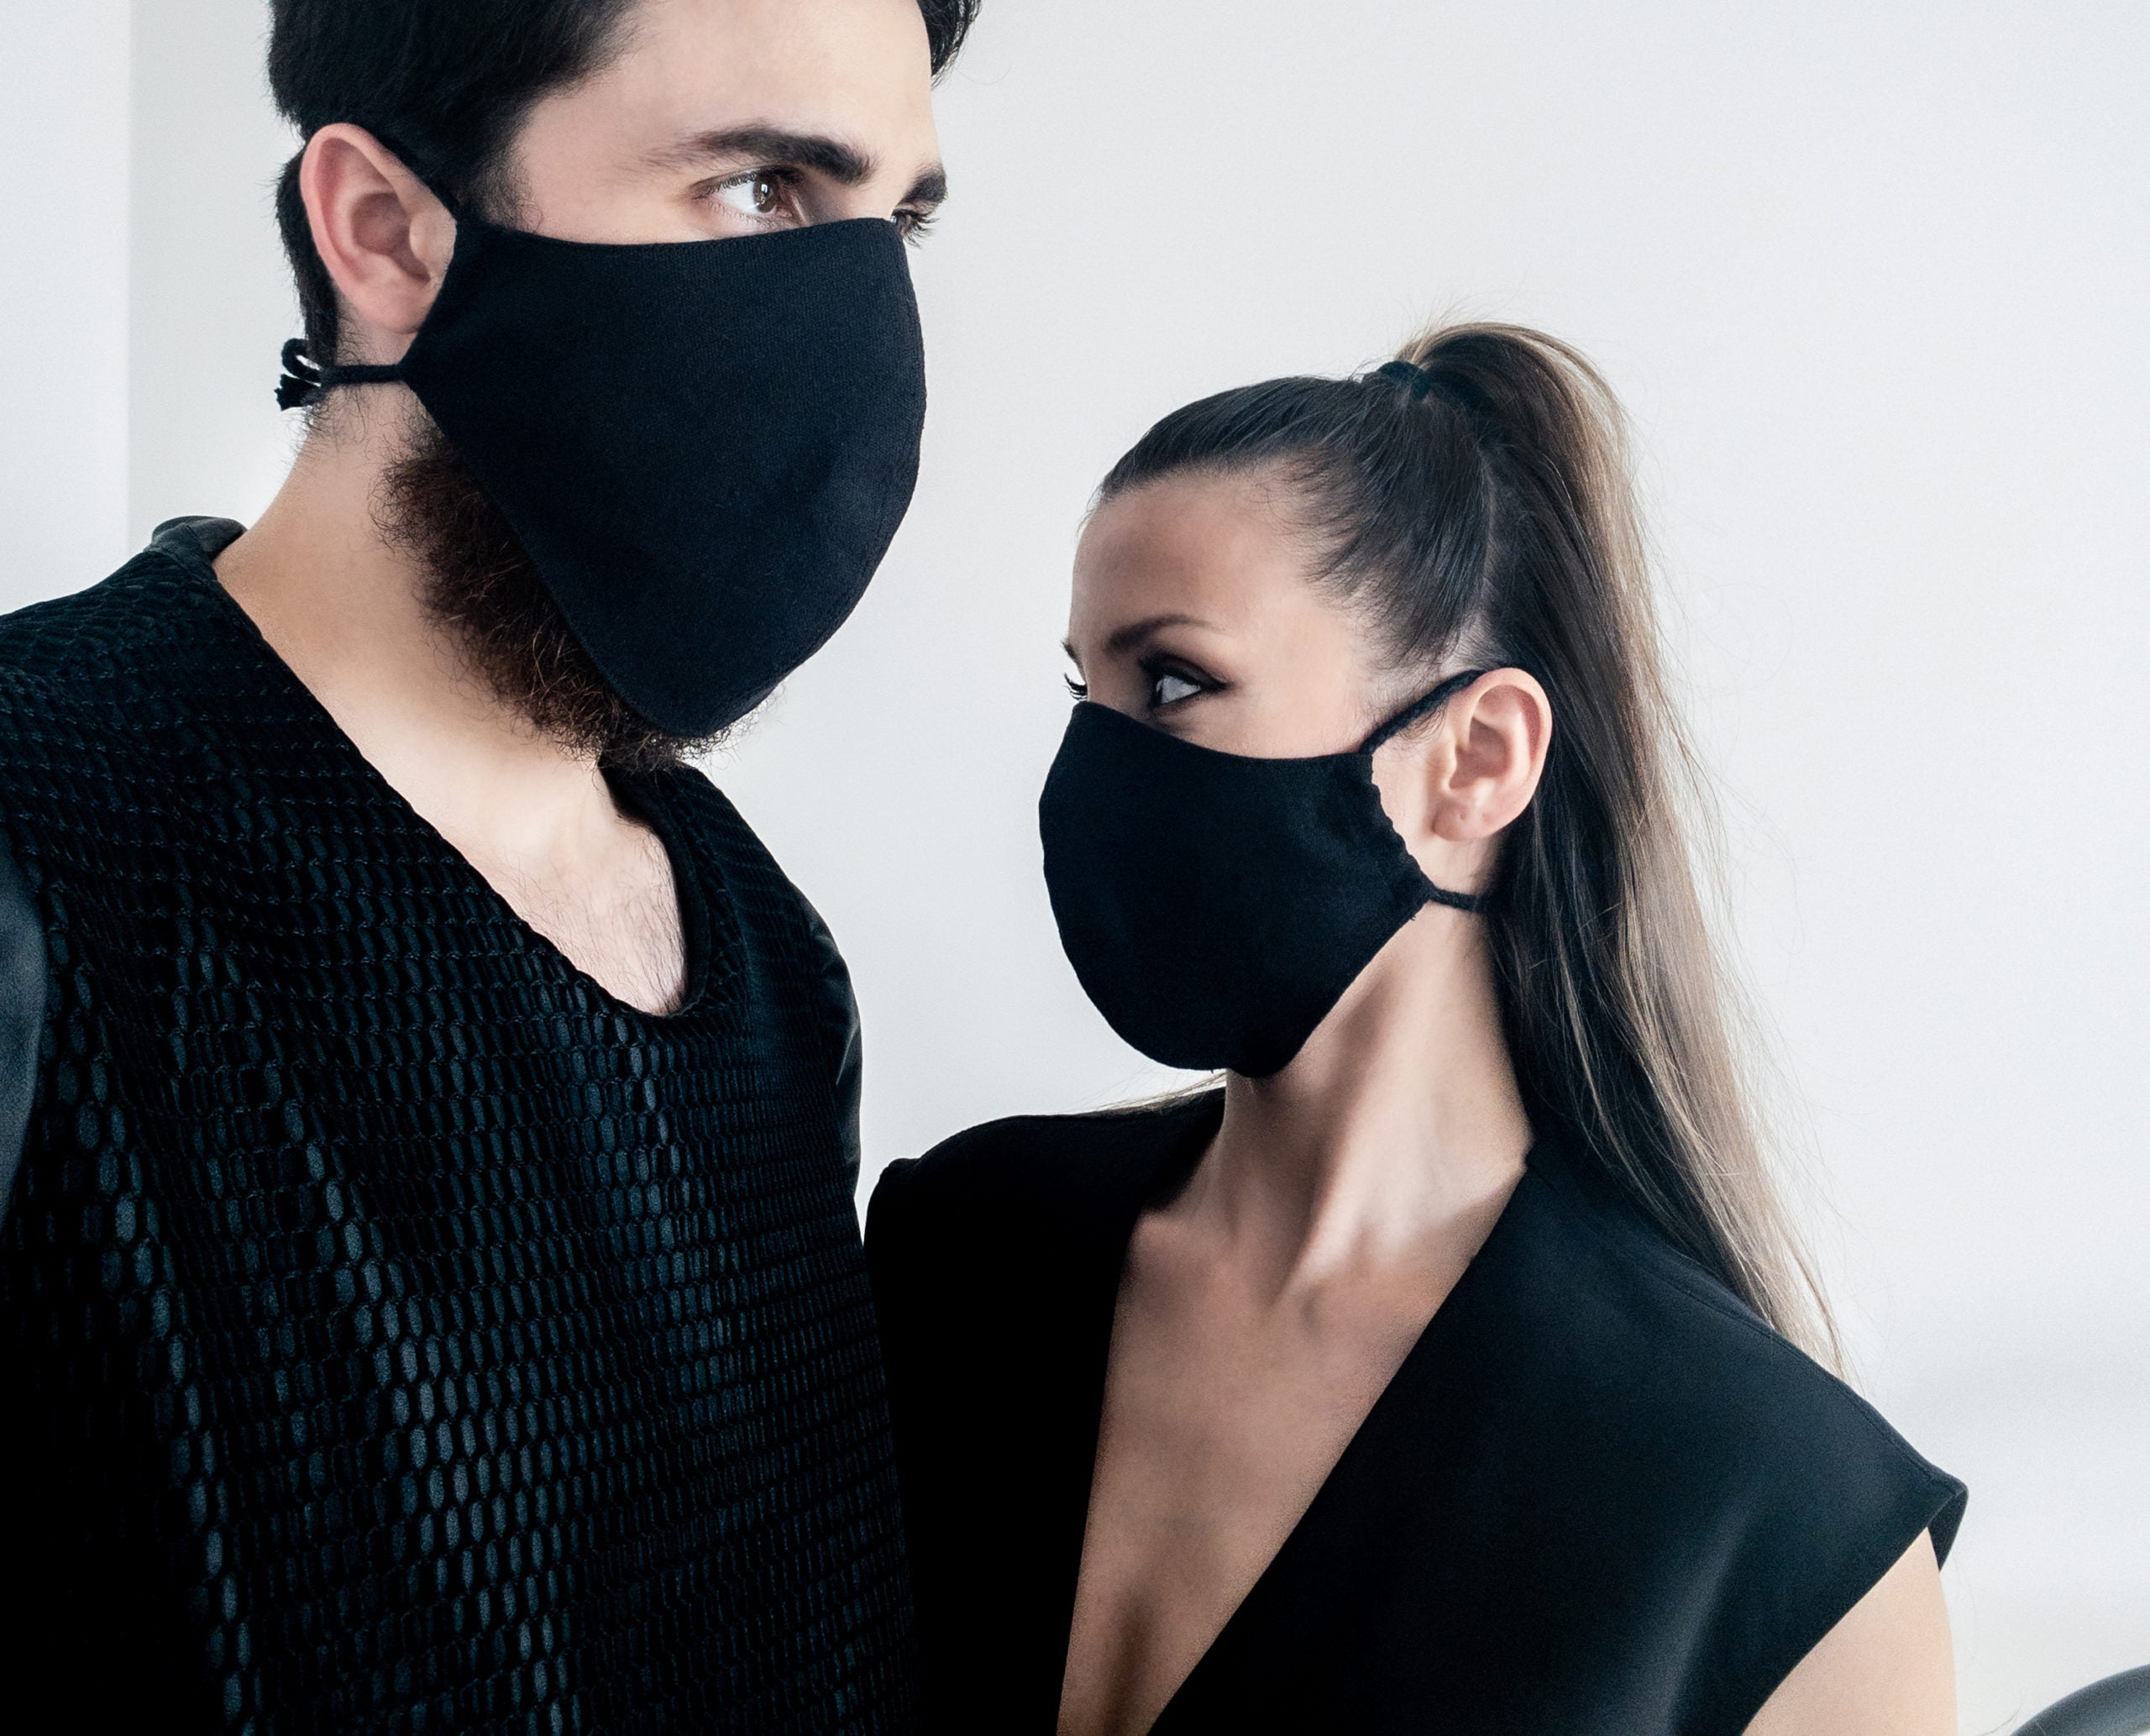 Man and woman waring organic black face masks